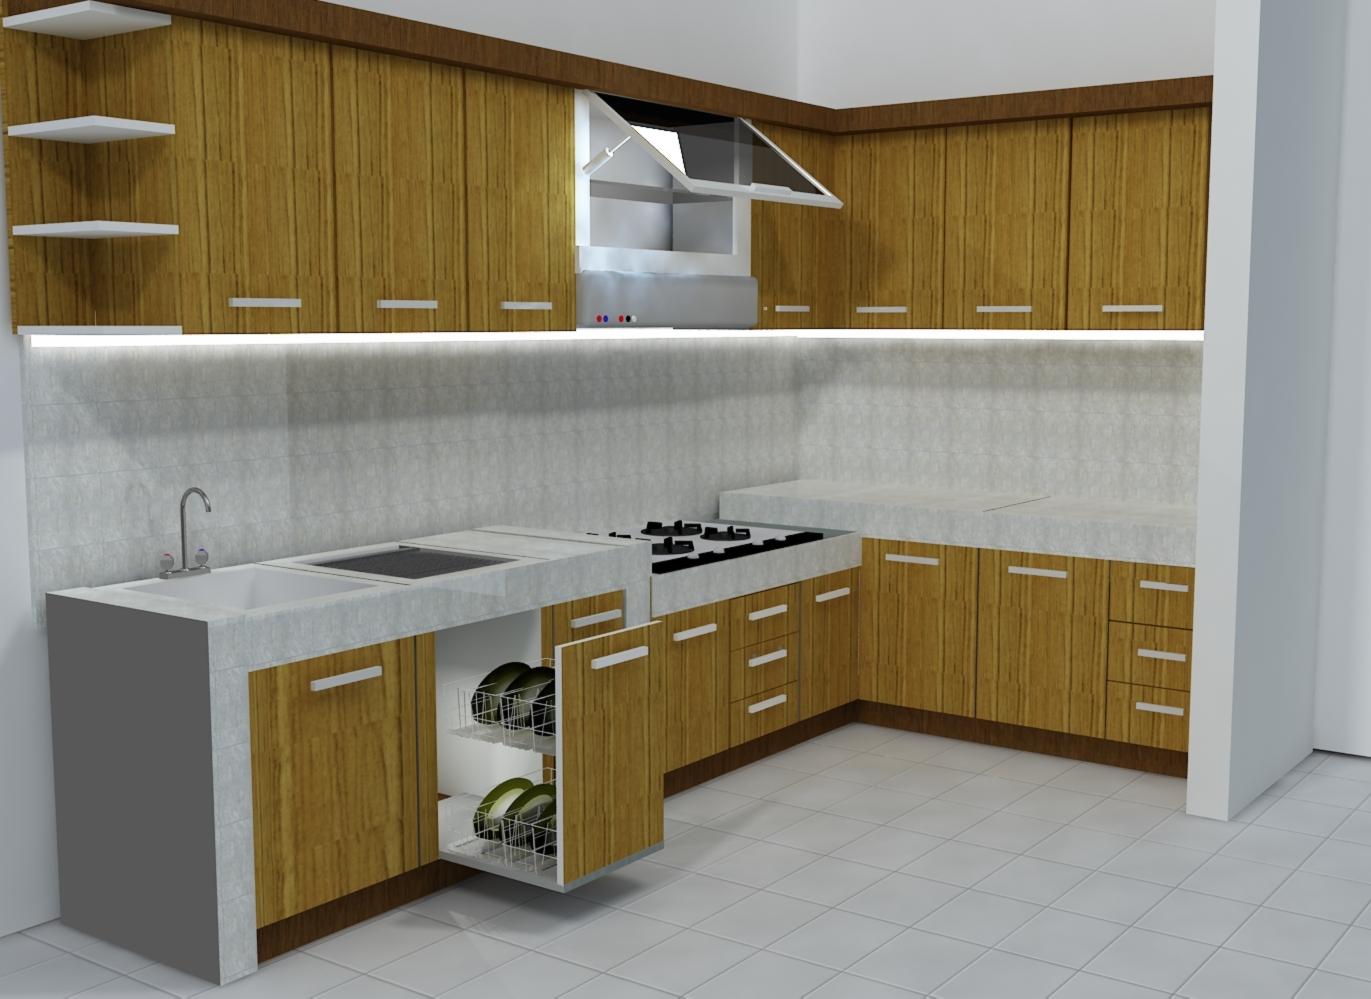 49 Gambar Kitchen Set Minimalis Untuk Dapur Kecil Dan